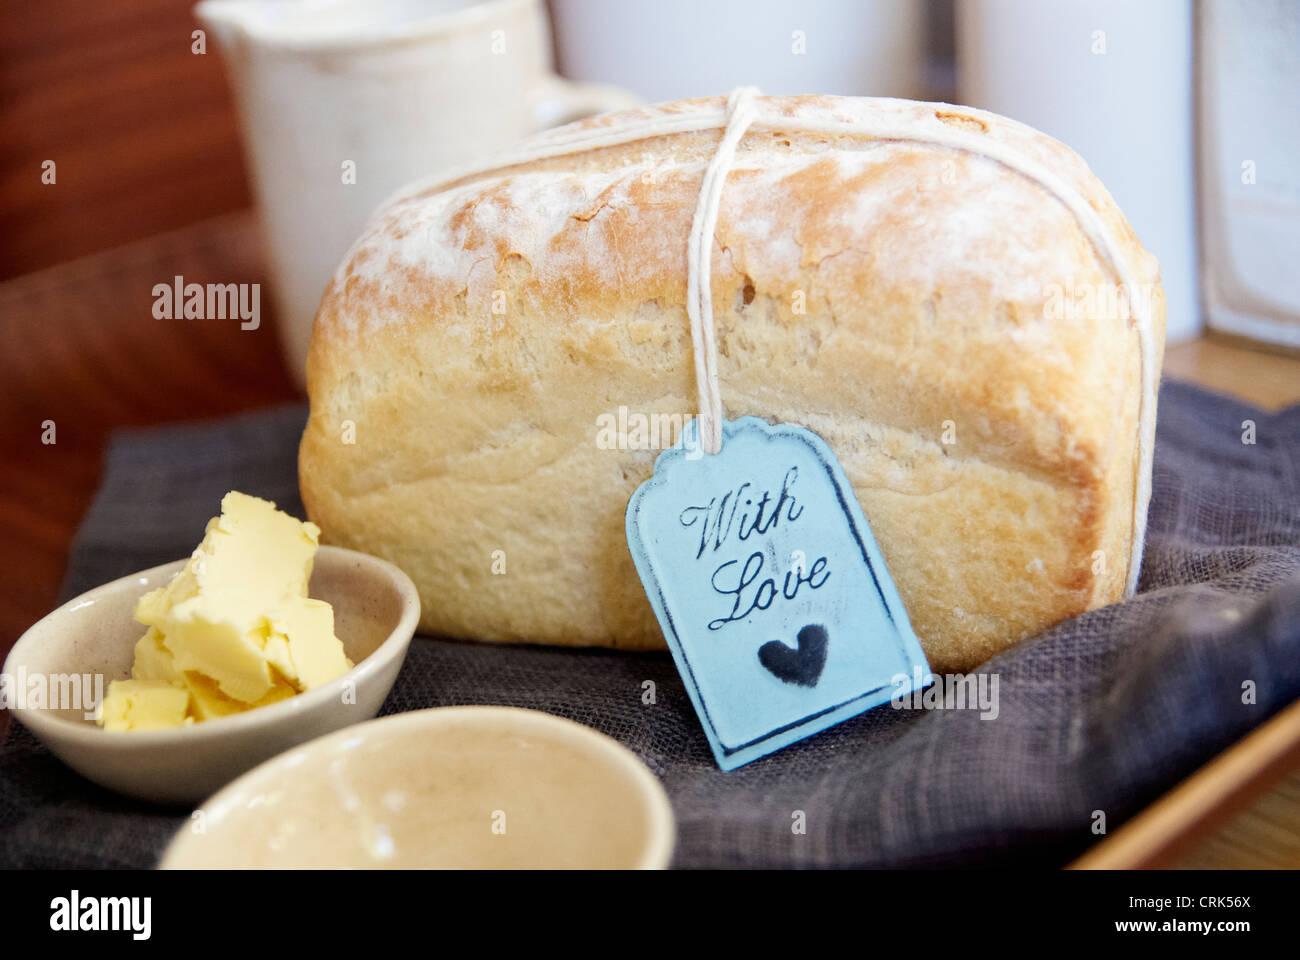 Brot mit Butter auf Tuch Stockfoto